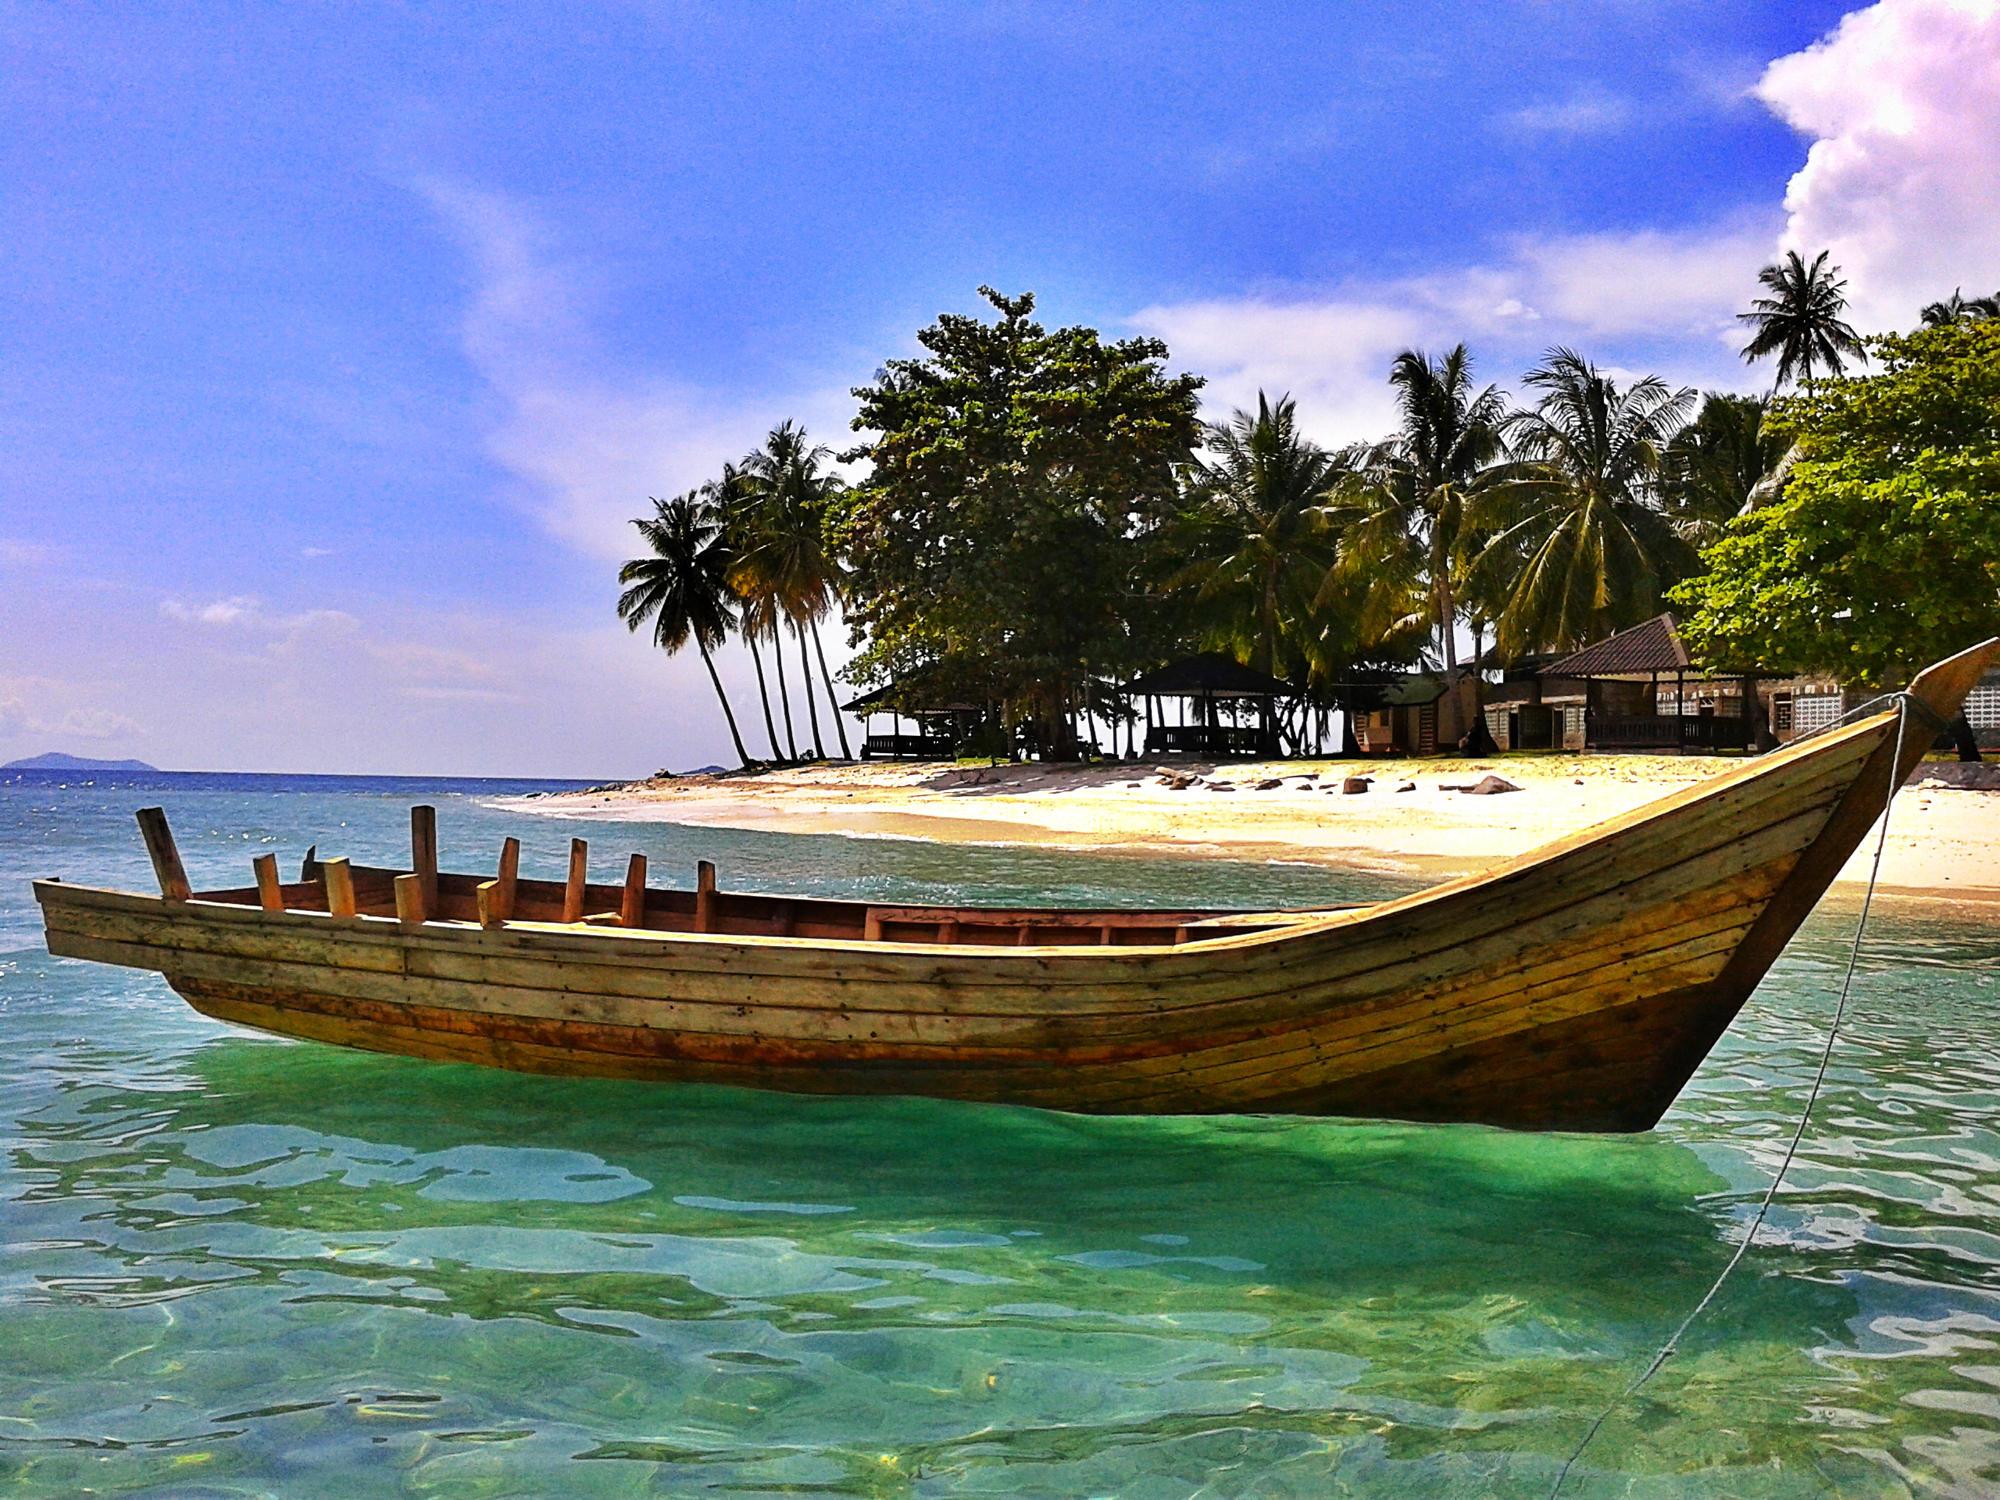 backpacker, borneo, Kalimantan Barat, Pantai, pulau, tips backpacker, Wisata Alam, wisata kalimantan, wisata unik, randayan, bengkayang, wisata tiket, tiket murah, liburan, traveling, Diving, snorkeling,